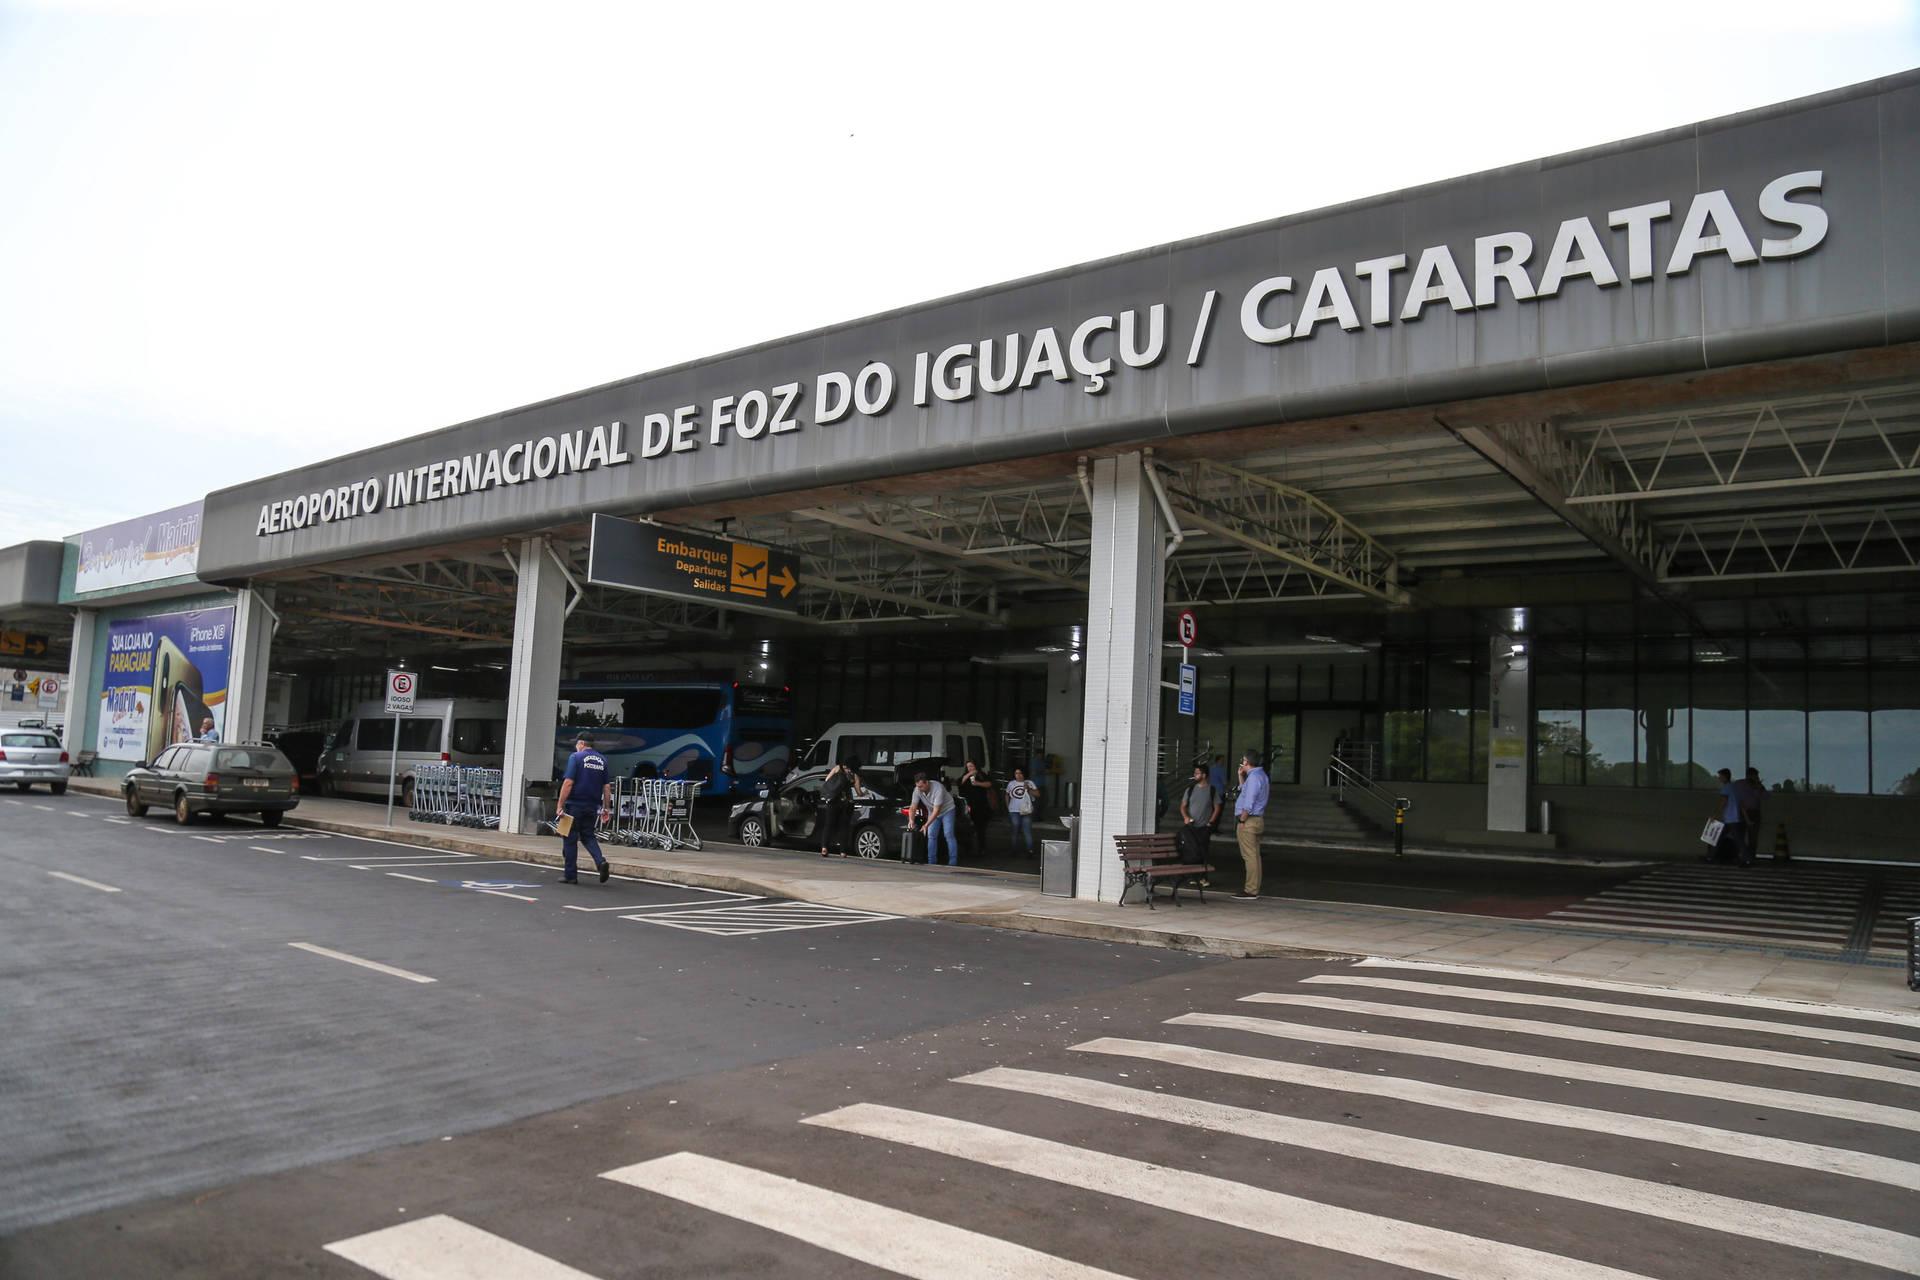 São dois voos semanais, às quintas-feiras e aos domingos. A nova rota deve representar um bom incremento para o turismo da cidade.